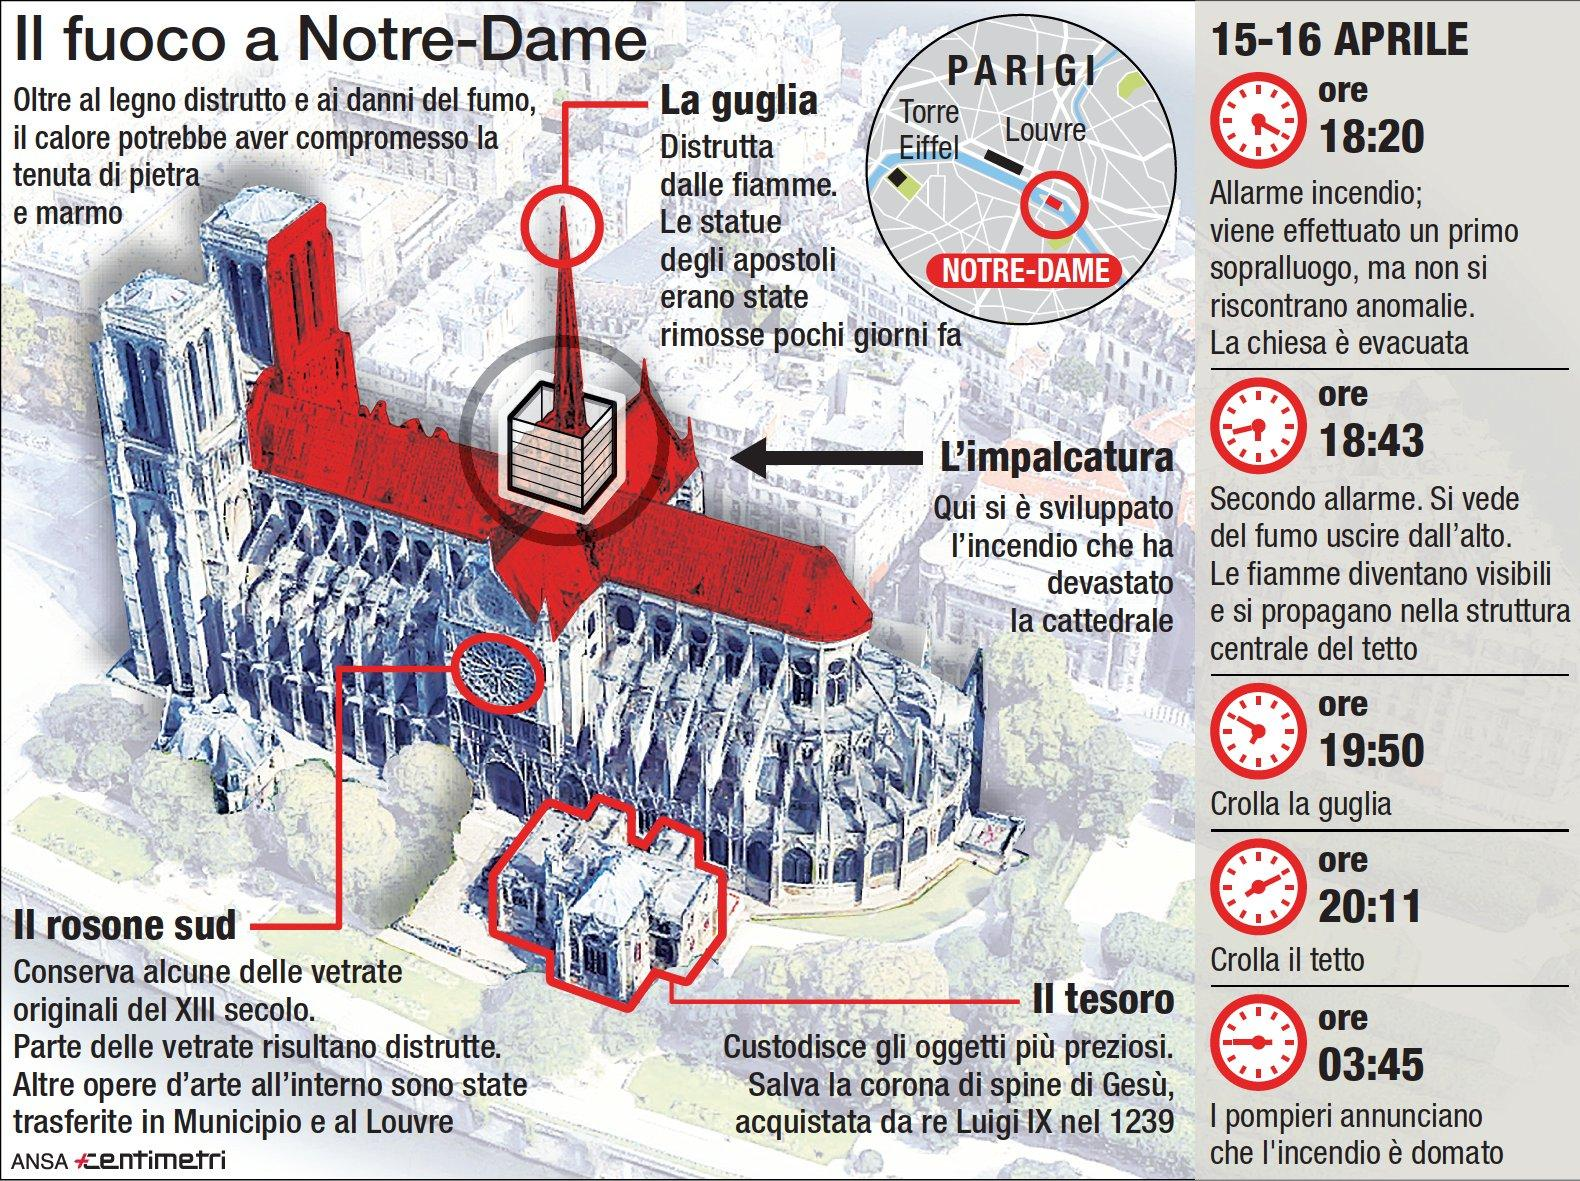 Notre-Dame, ecco dove è scoppiato il rogo